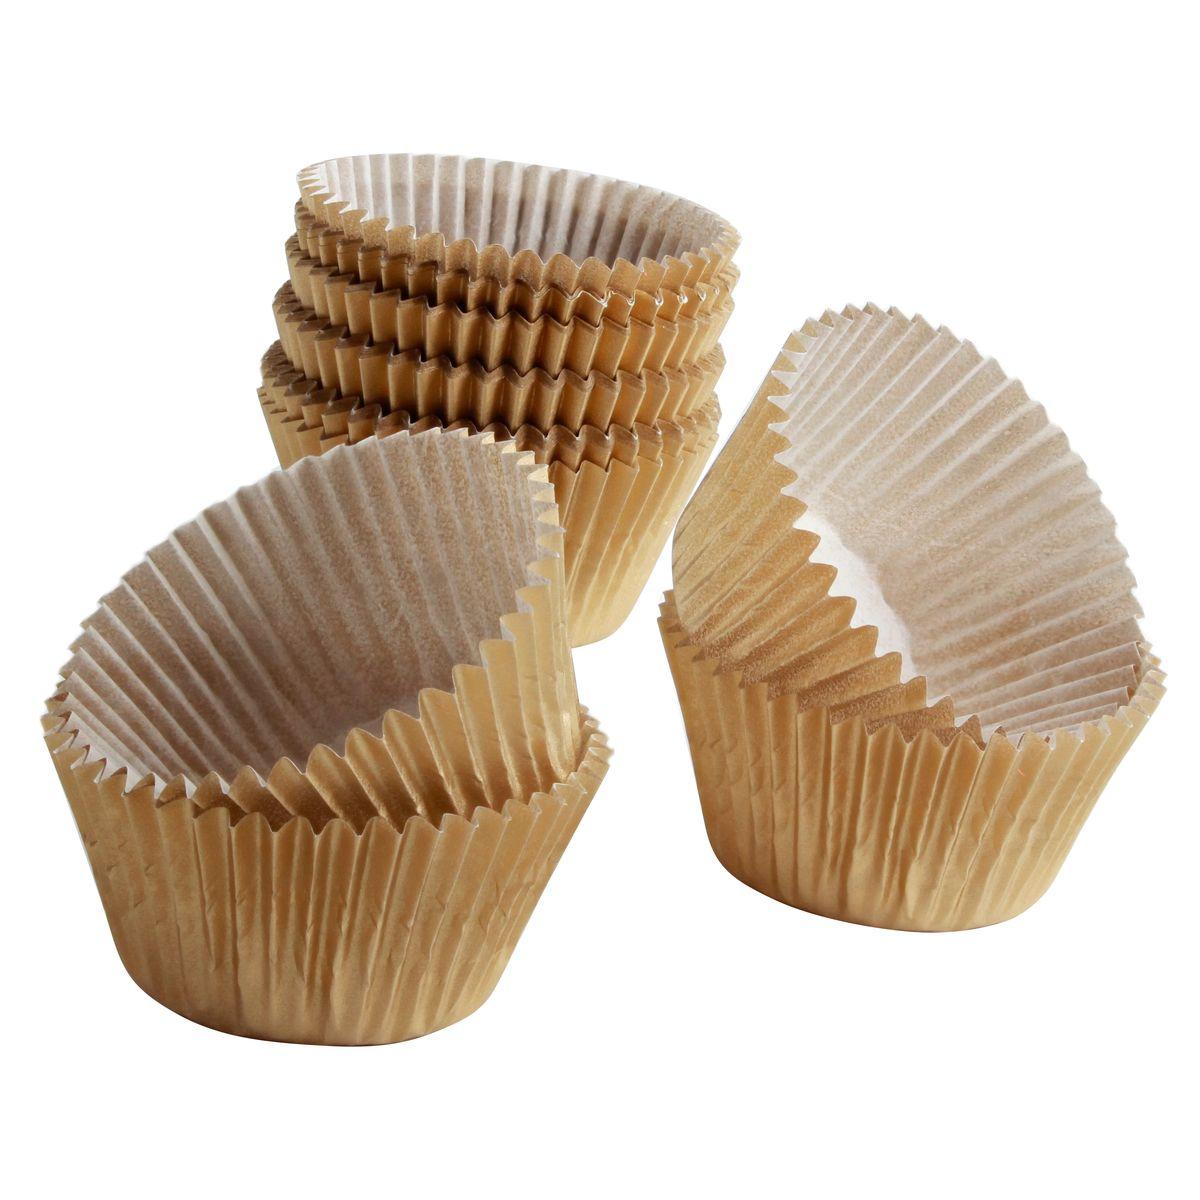 45 caissettes de cuisson à cupcakes et muffins dorés 7.5 x 3.5 cm - Chevalier Diffusion